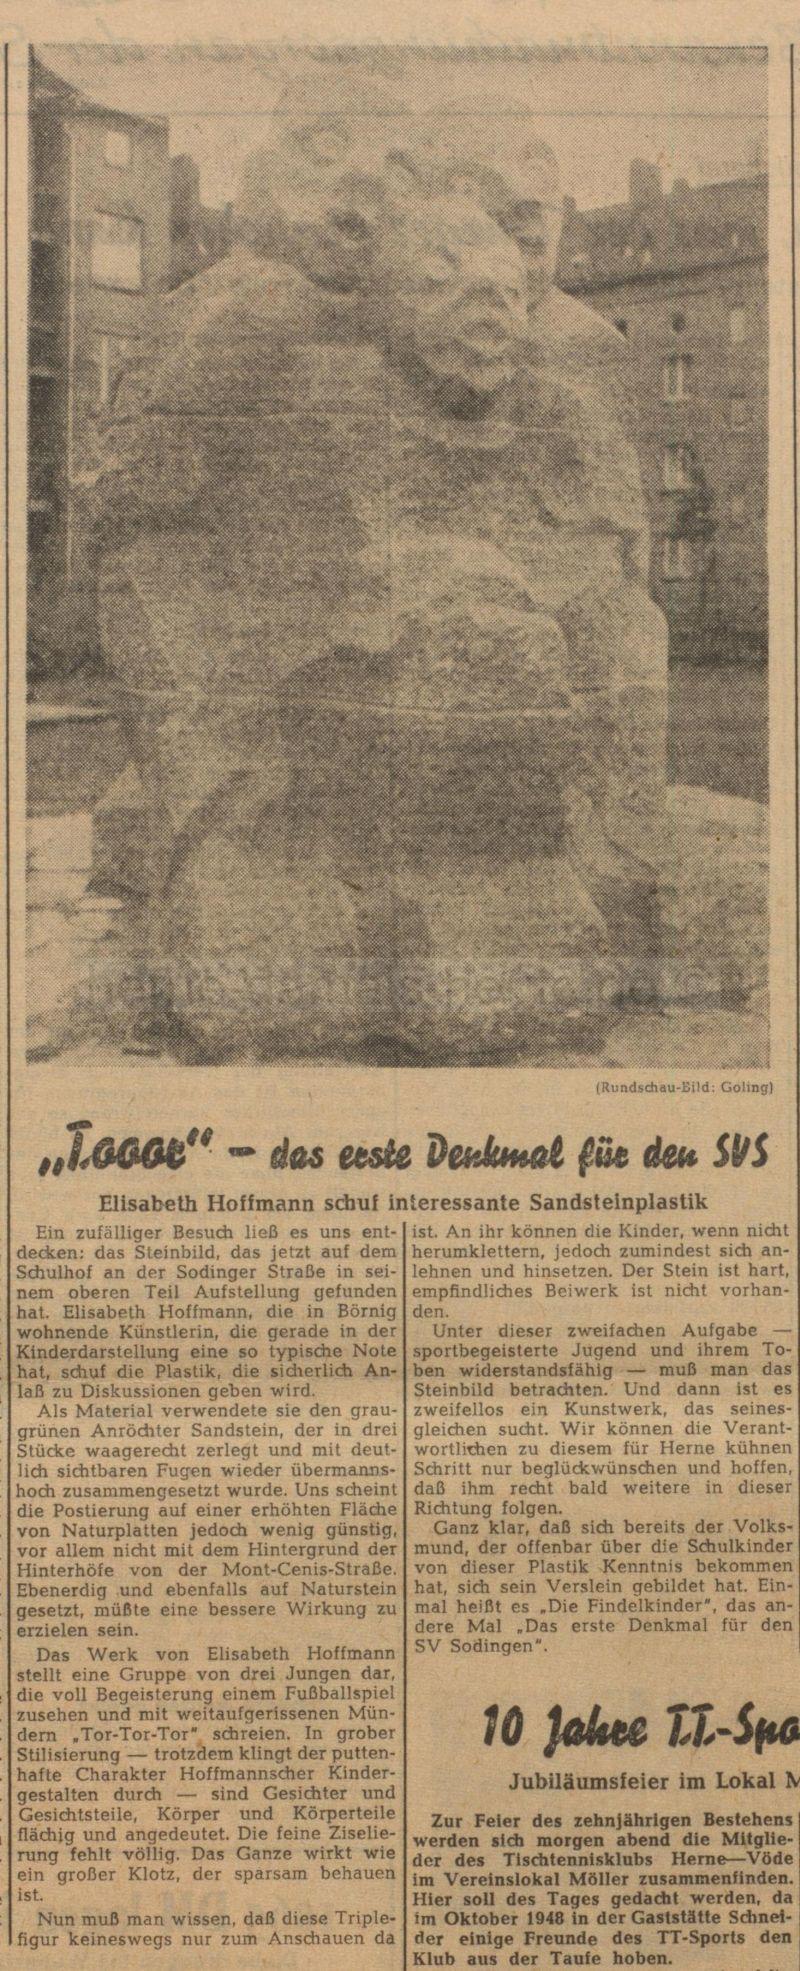 Westfälische Rundschau, Ausgabe Herne vom 03.10.1958, Repro Stadtarchiv Herne